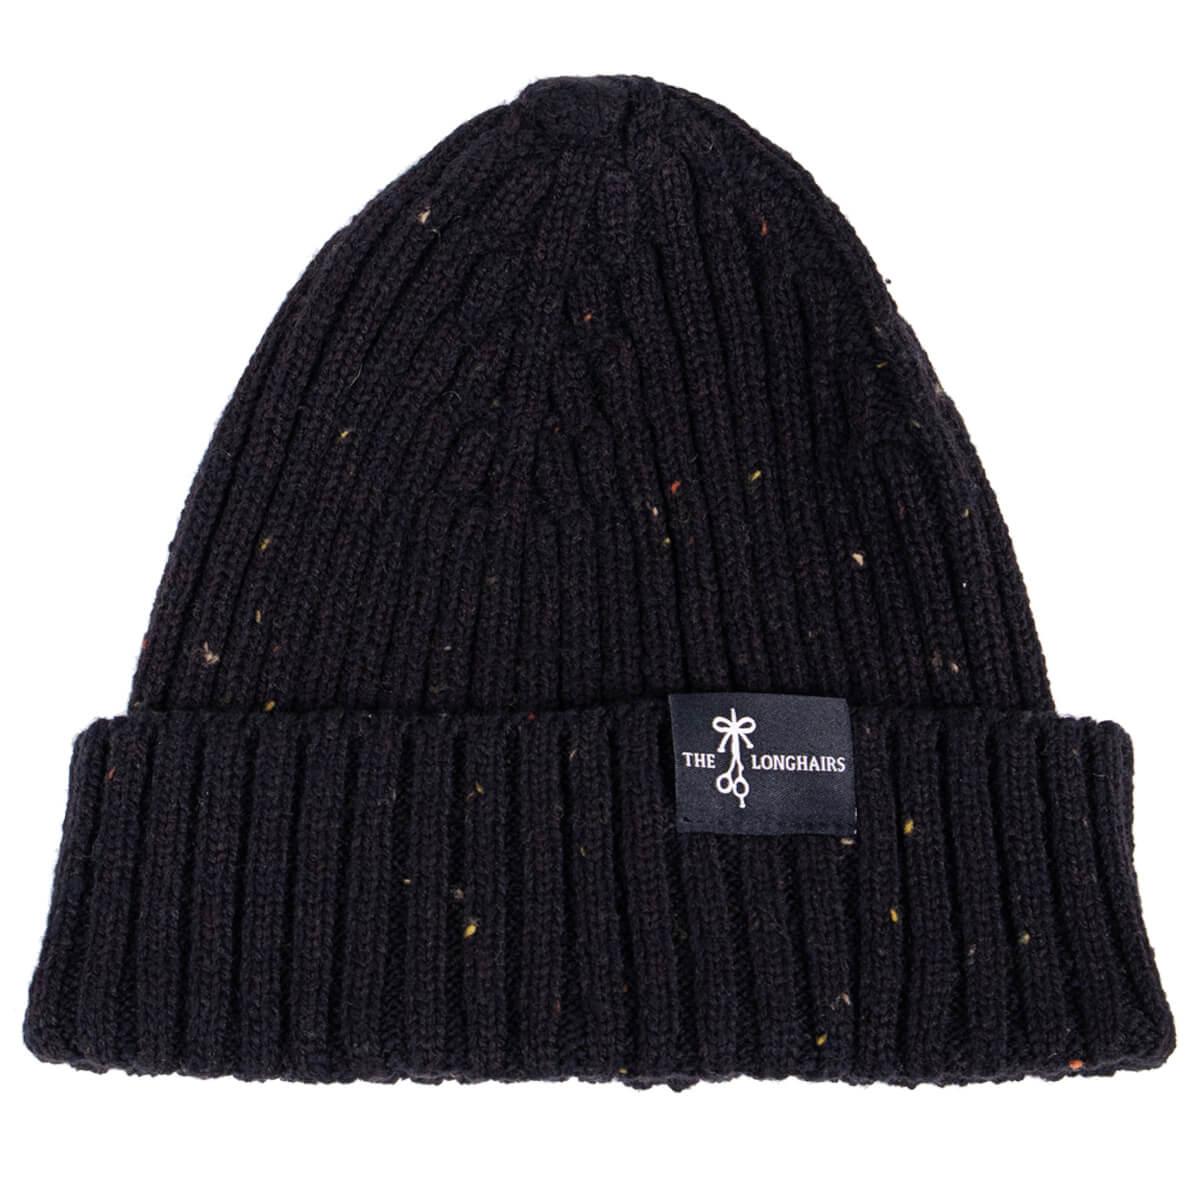 Black Merino Wool Beanie